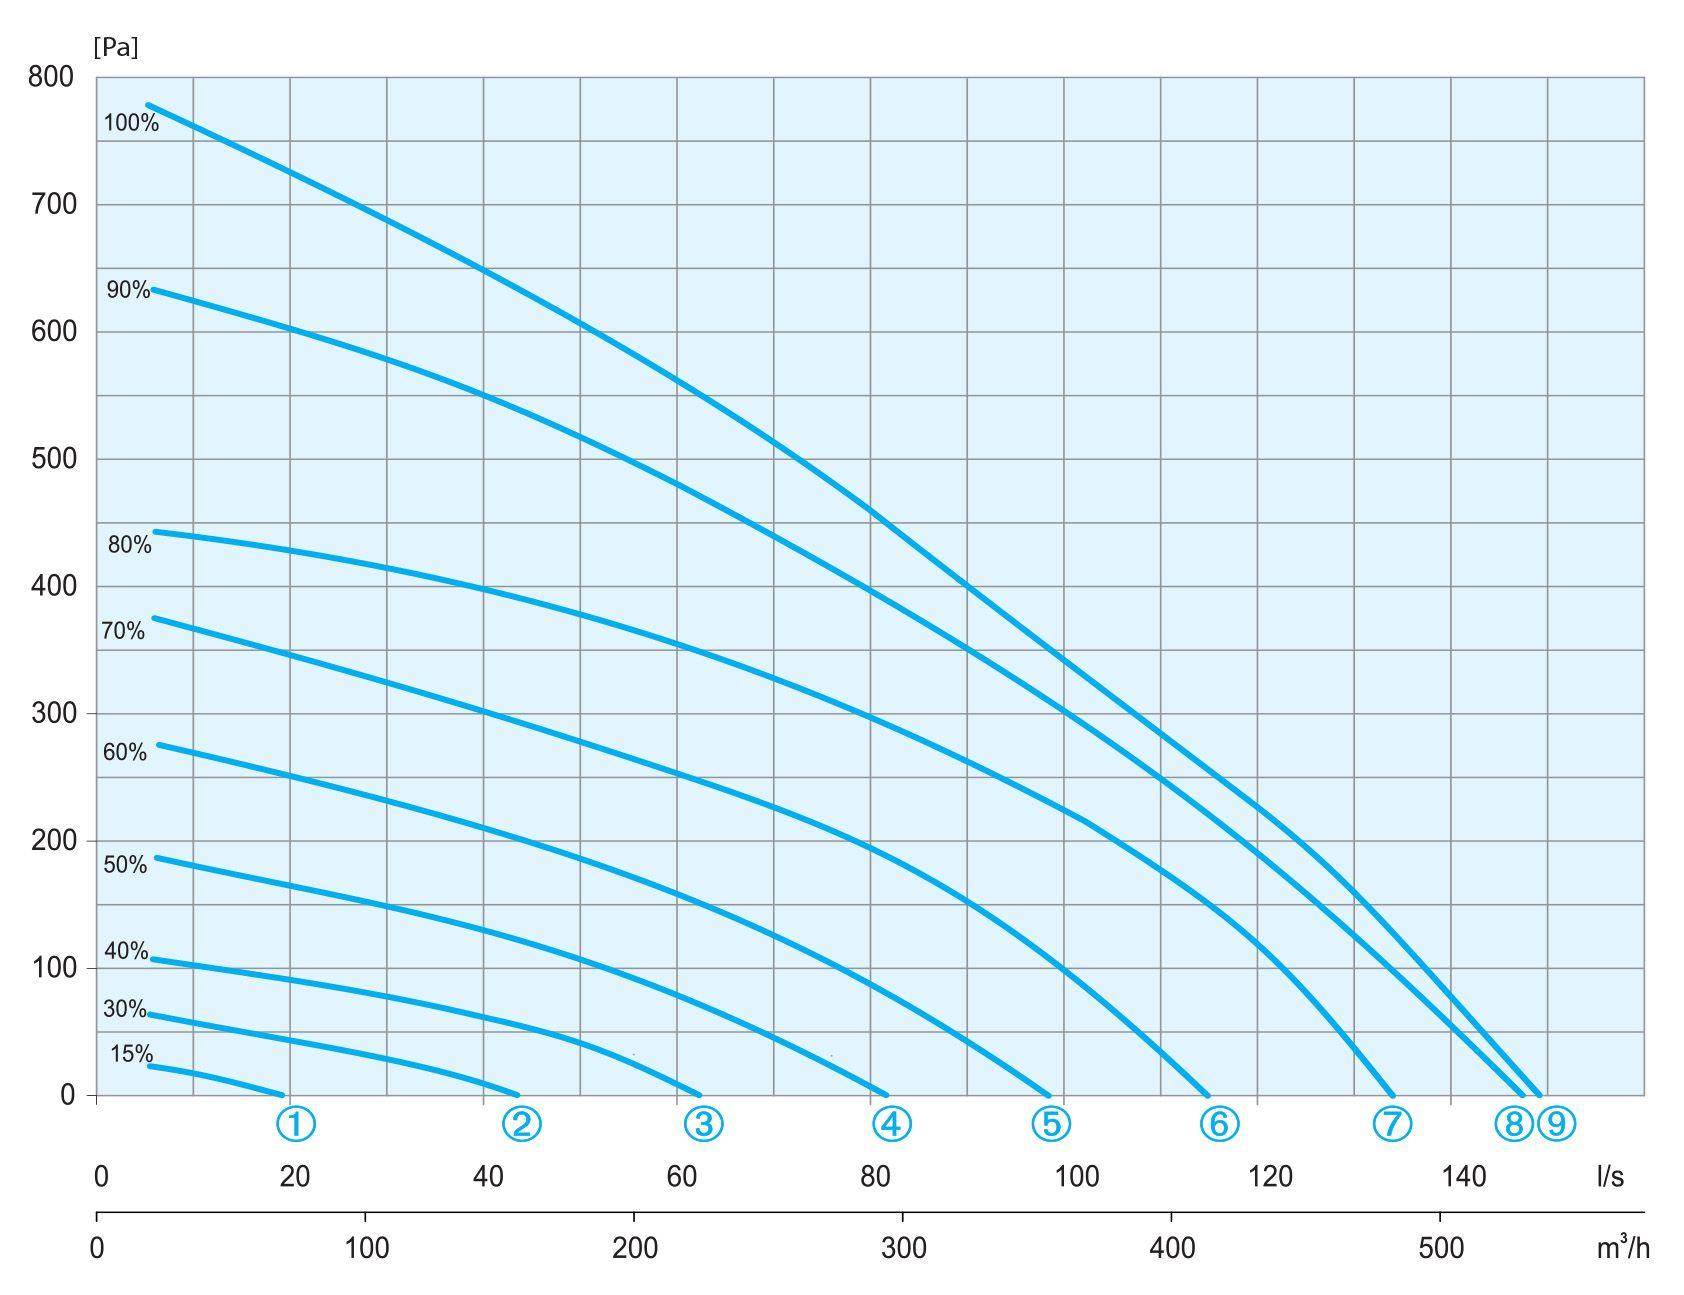 wykres sprezu aeris 450